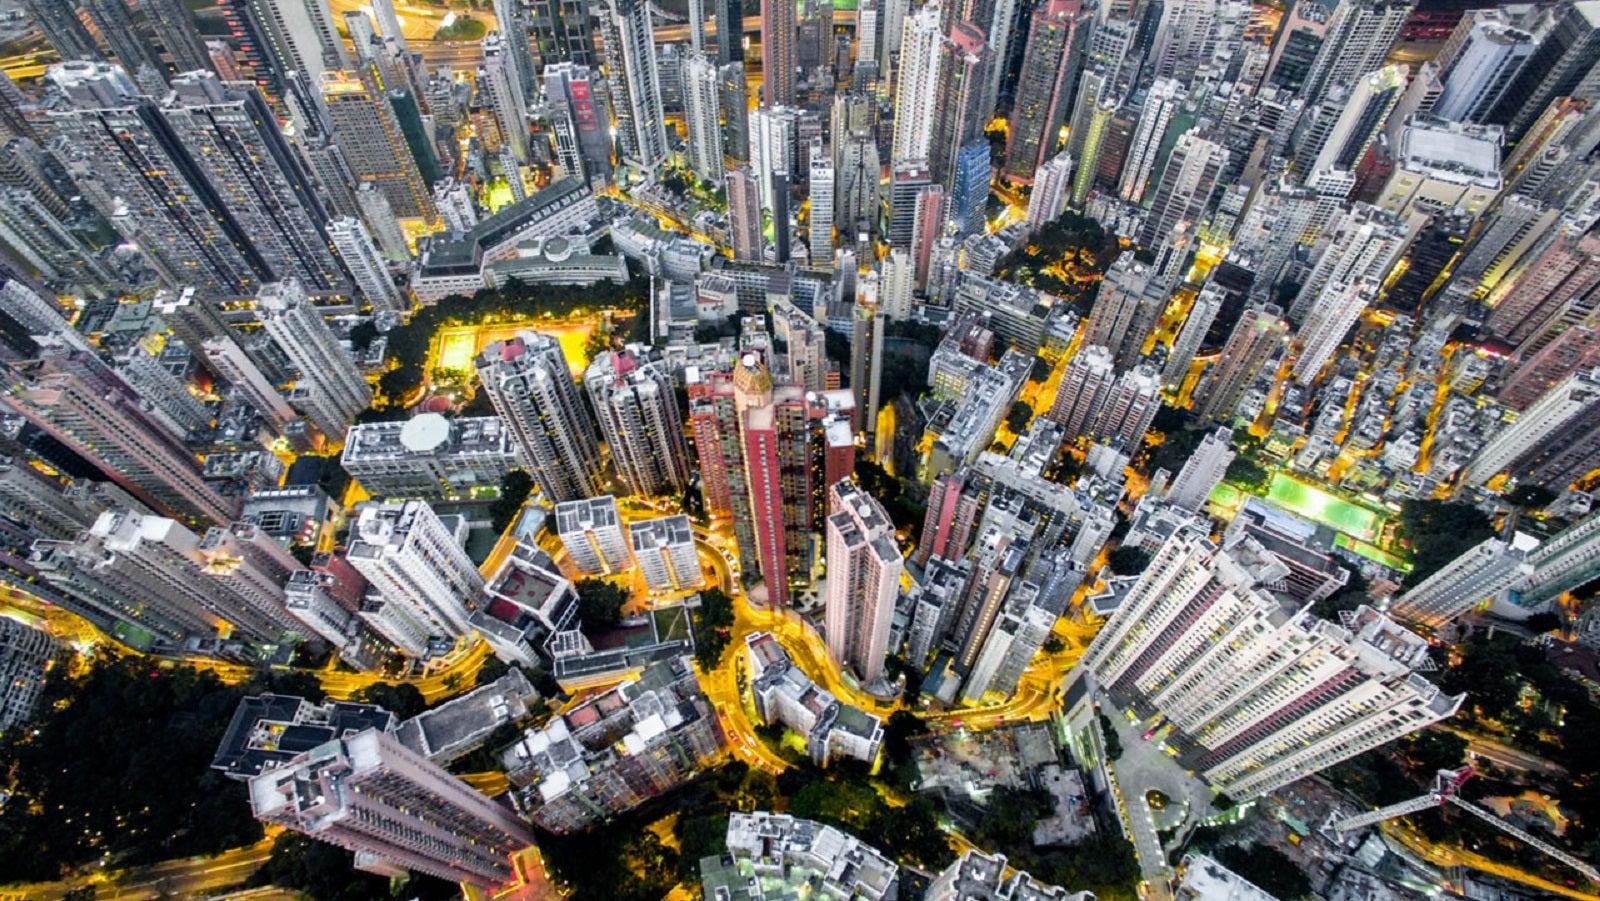 Wohnen auf 2 Quadratmetern: So dicht gedrängt ist das Leben in Hongkong